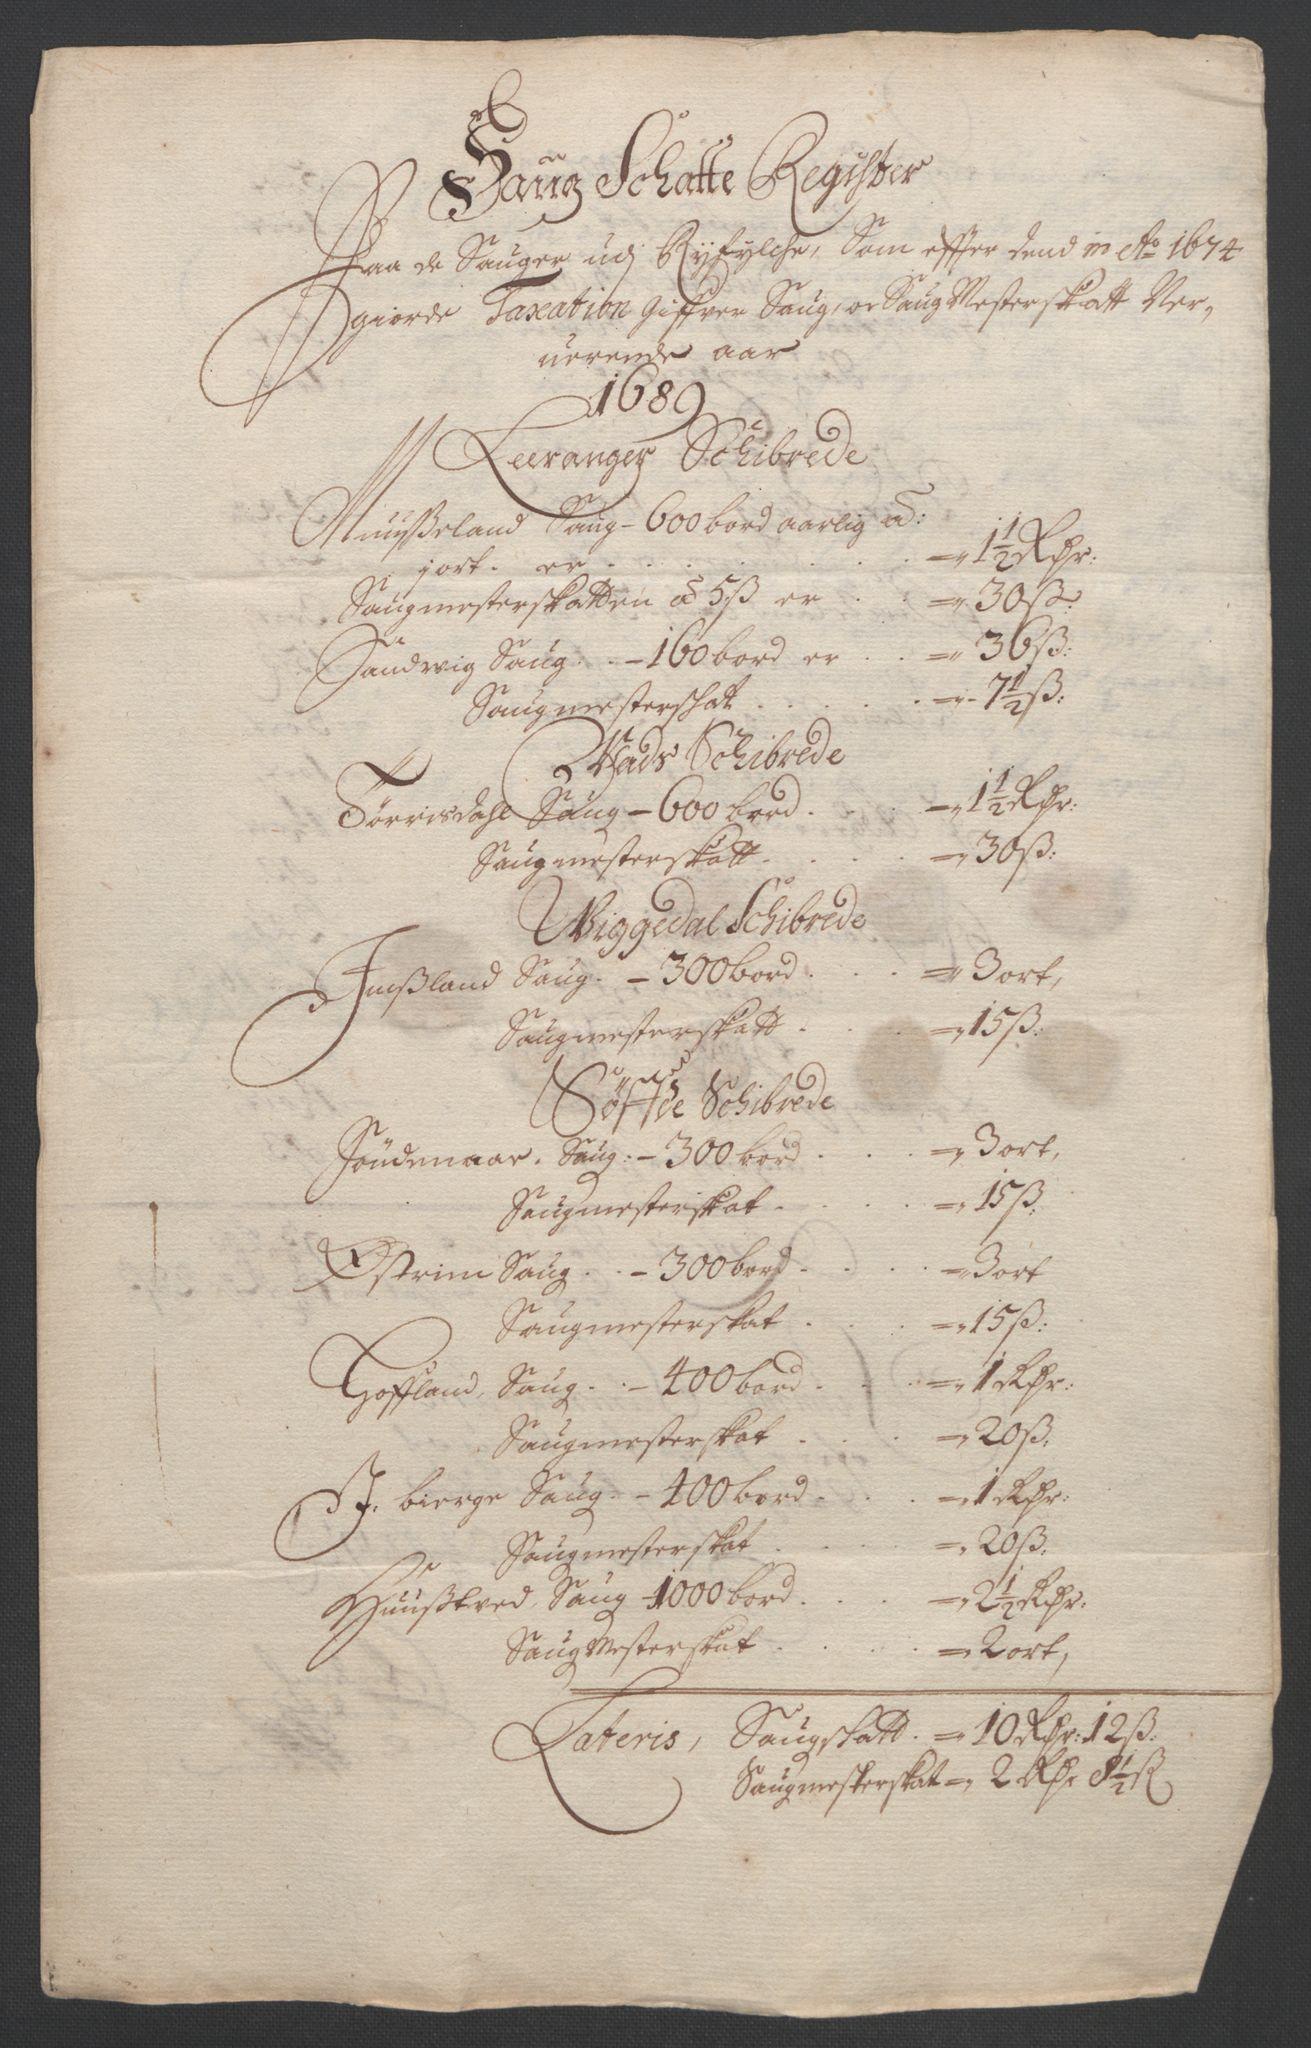 RA, Rentekammeret inntil 1814, Reviderte regnskaper, Fogderegnskap, R47/L2856: Fogderegnskap Ryfylke, 1689-1693, s. 80